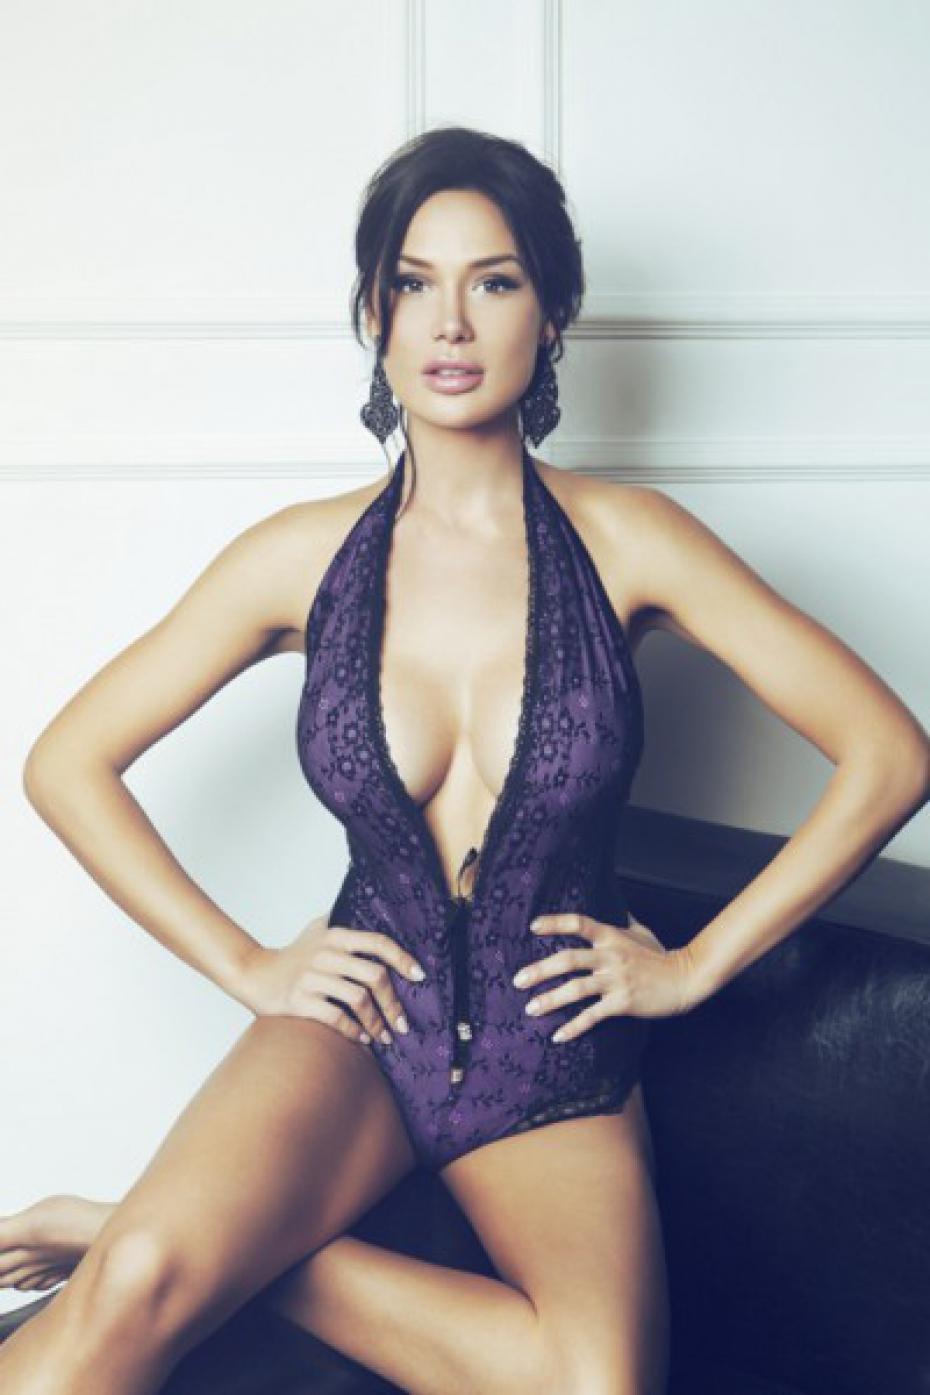 Nadia macri la escort dello scandalo berlusconi che anale